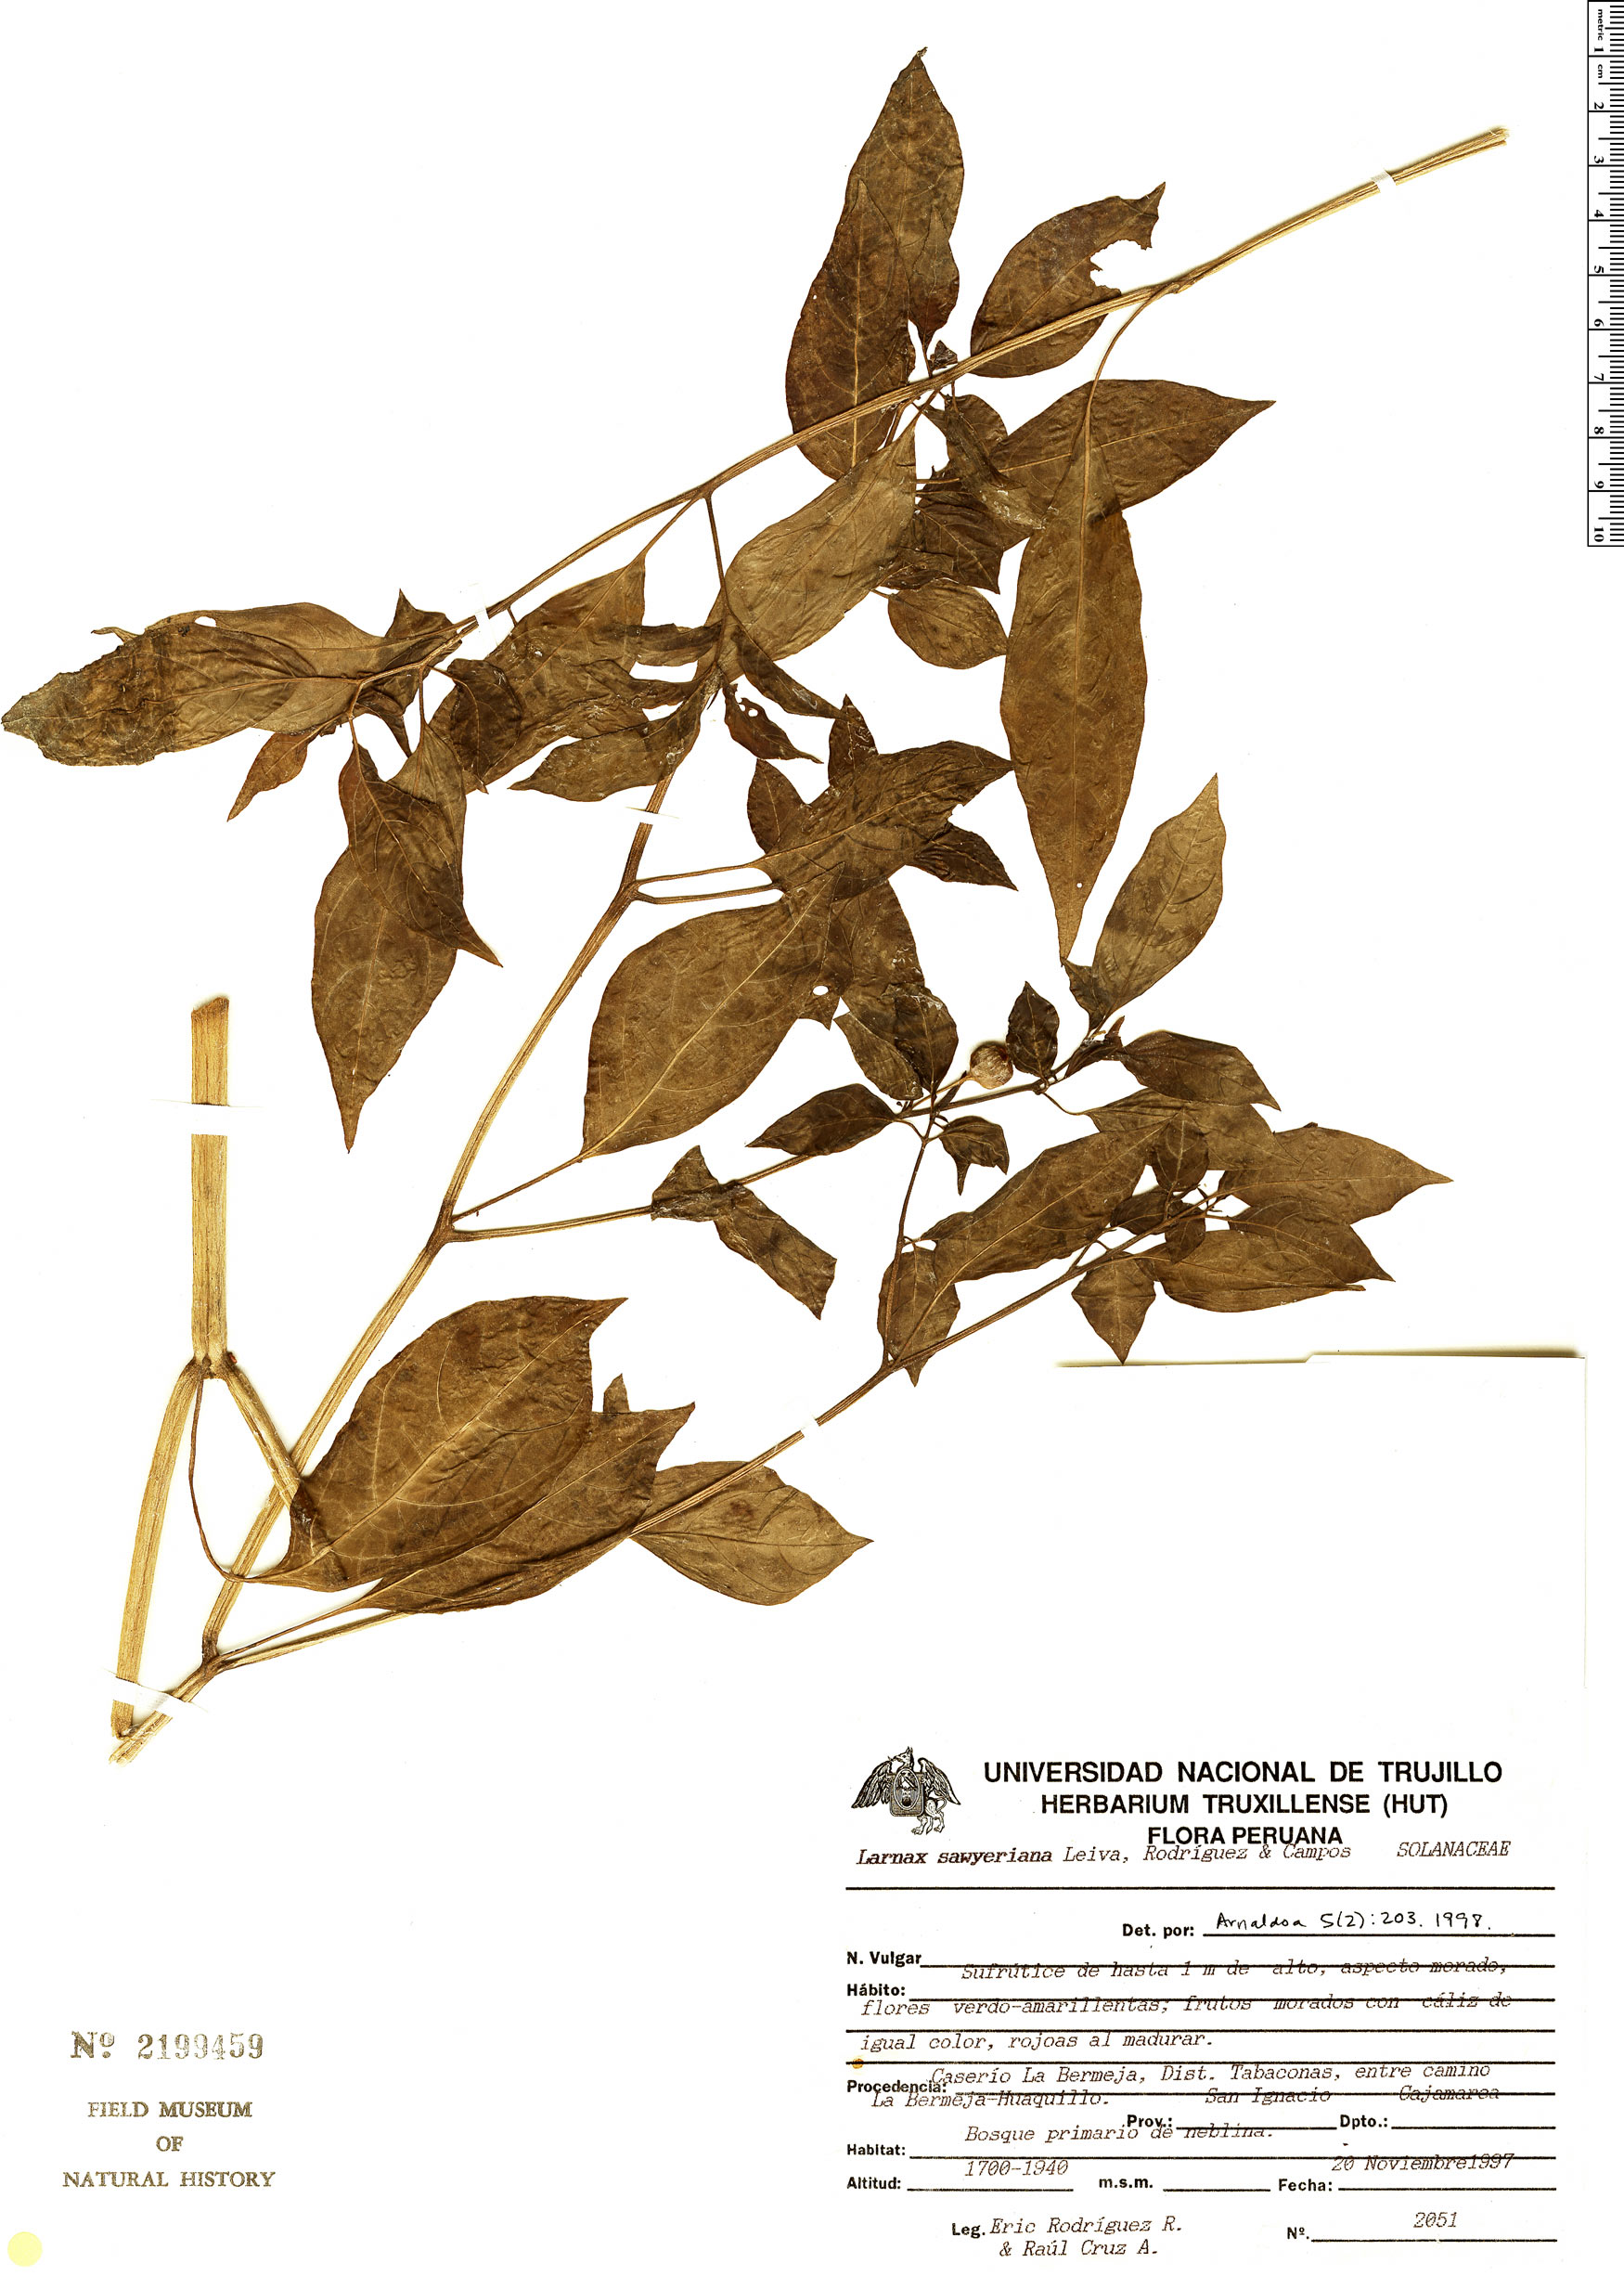 Specimen: Larnax sawyeriana